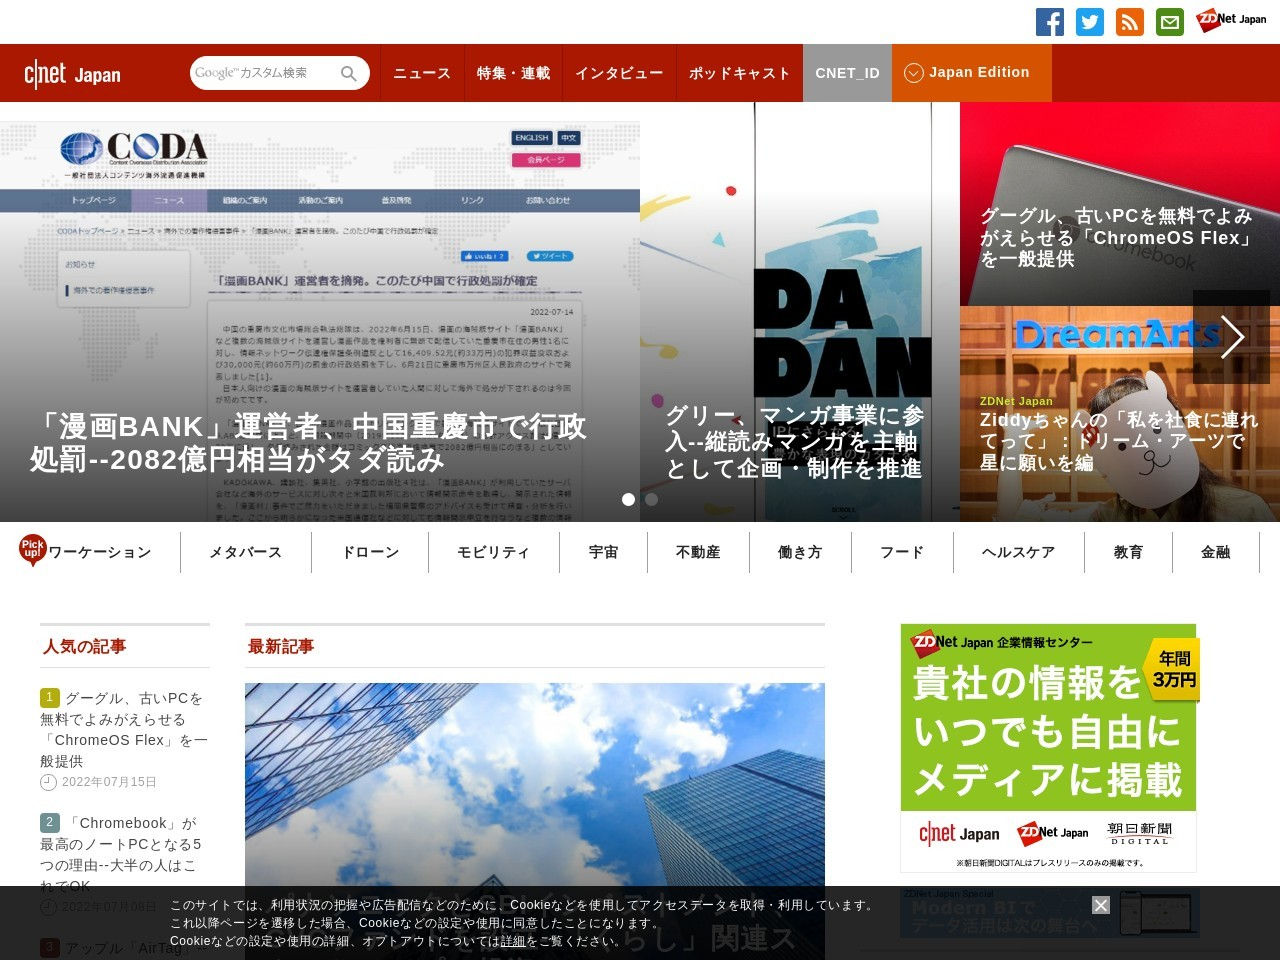 IMD世界競争力ランキング:シンガポールがトップ、日本は30位に順位を下げる